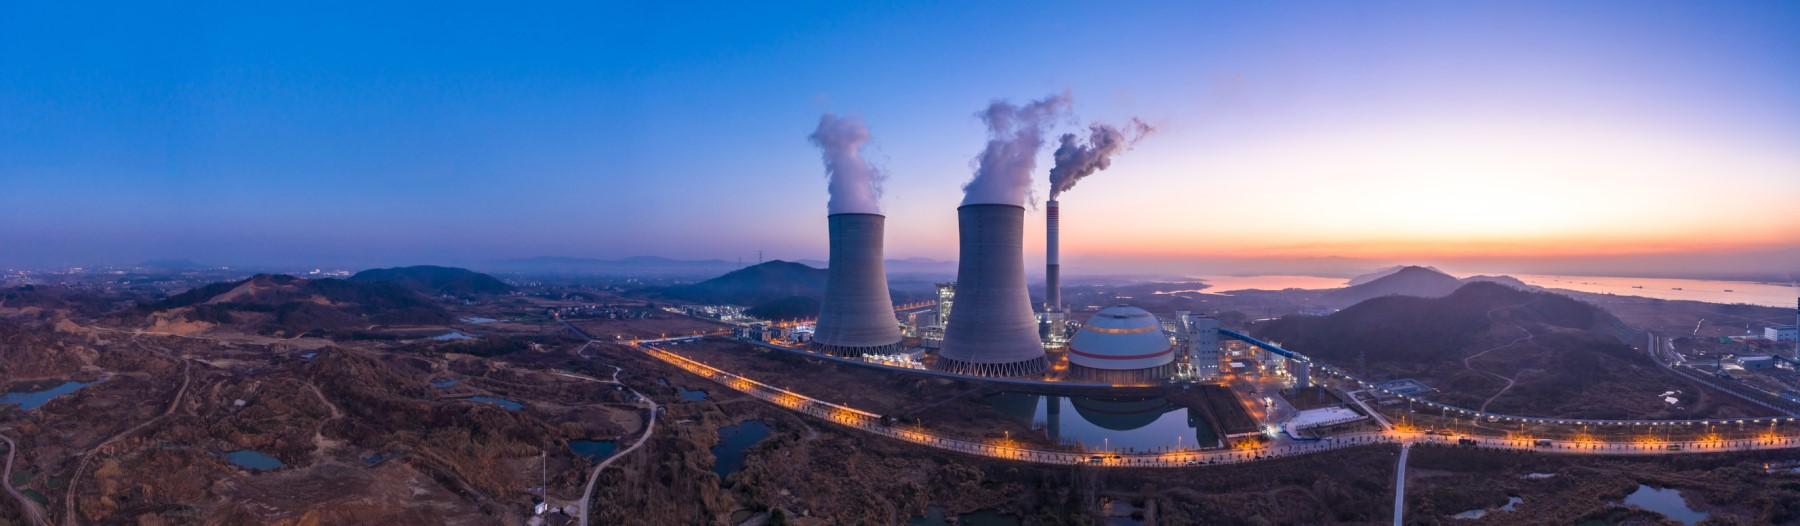 Security für die Energiebranche